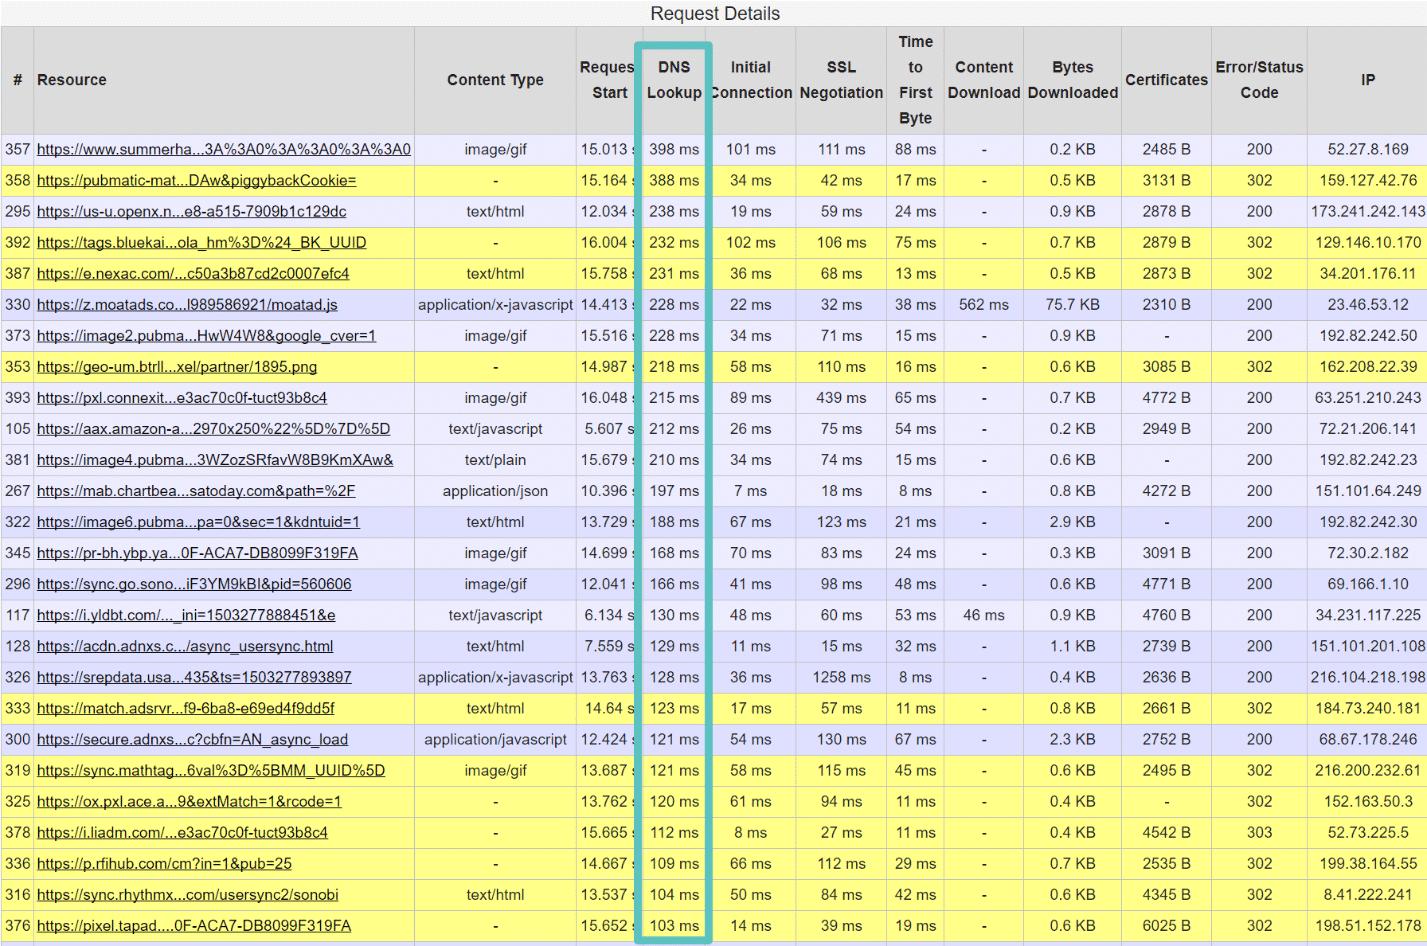 Lunghi tempi di risoluzione del DNS (webpagetest)